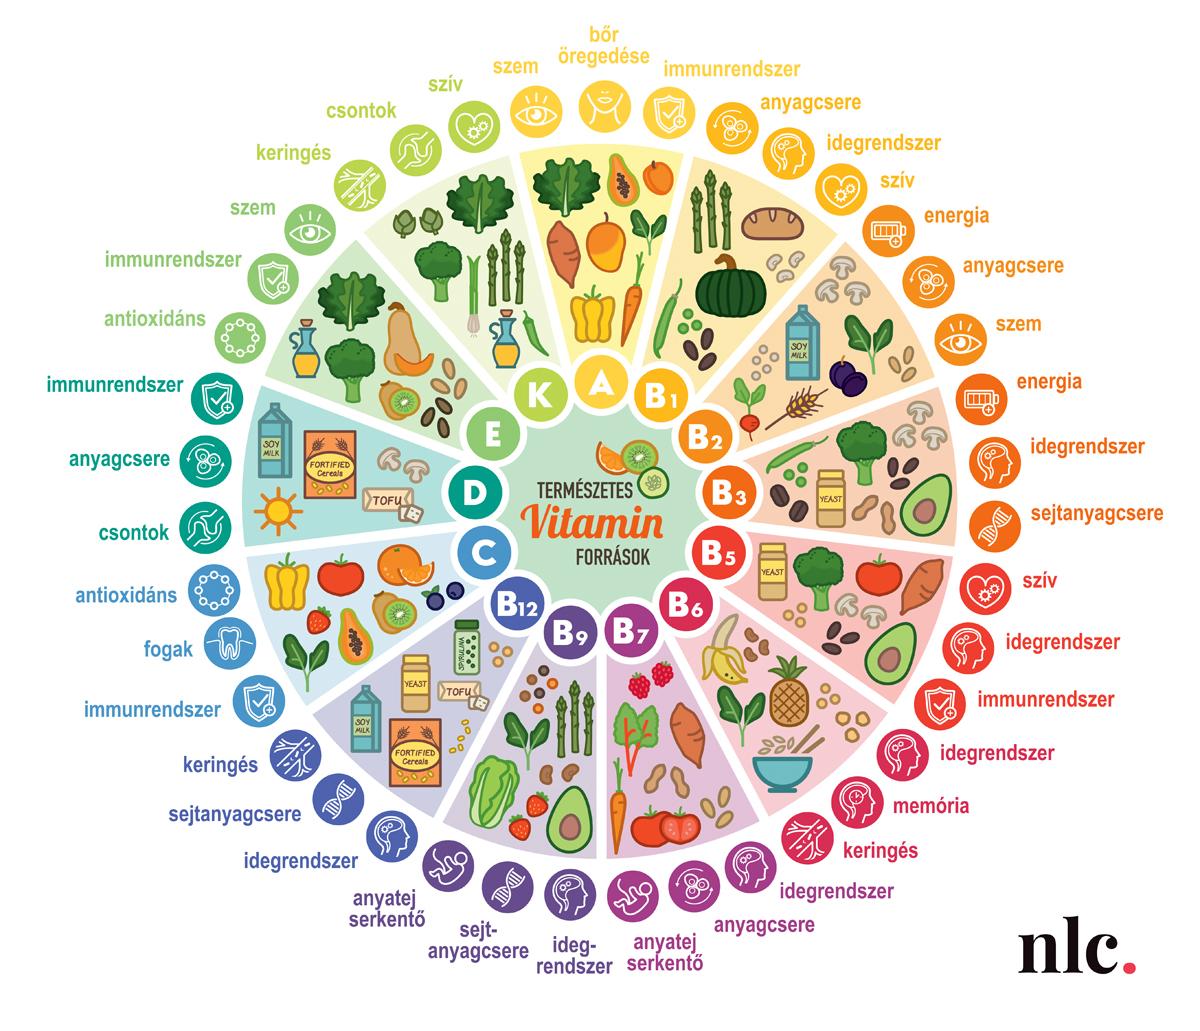 Segítsd a szervezetedet változatos táplálkozással, hogy minden vitaminhoz hozzájusson. (Infografika: Leéb Ádám)